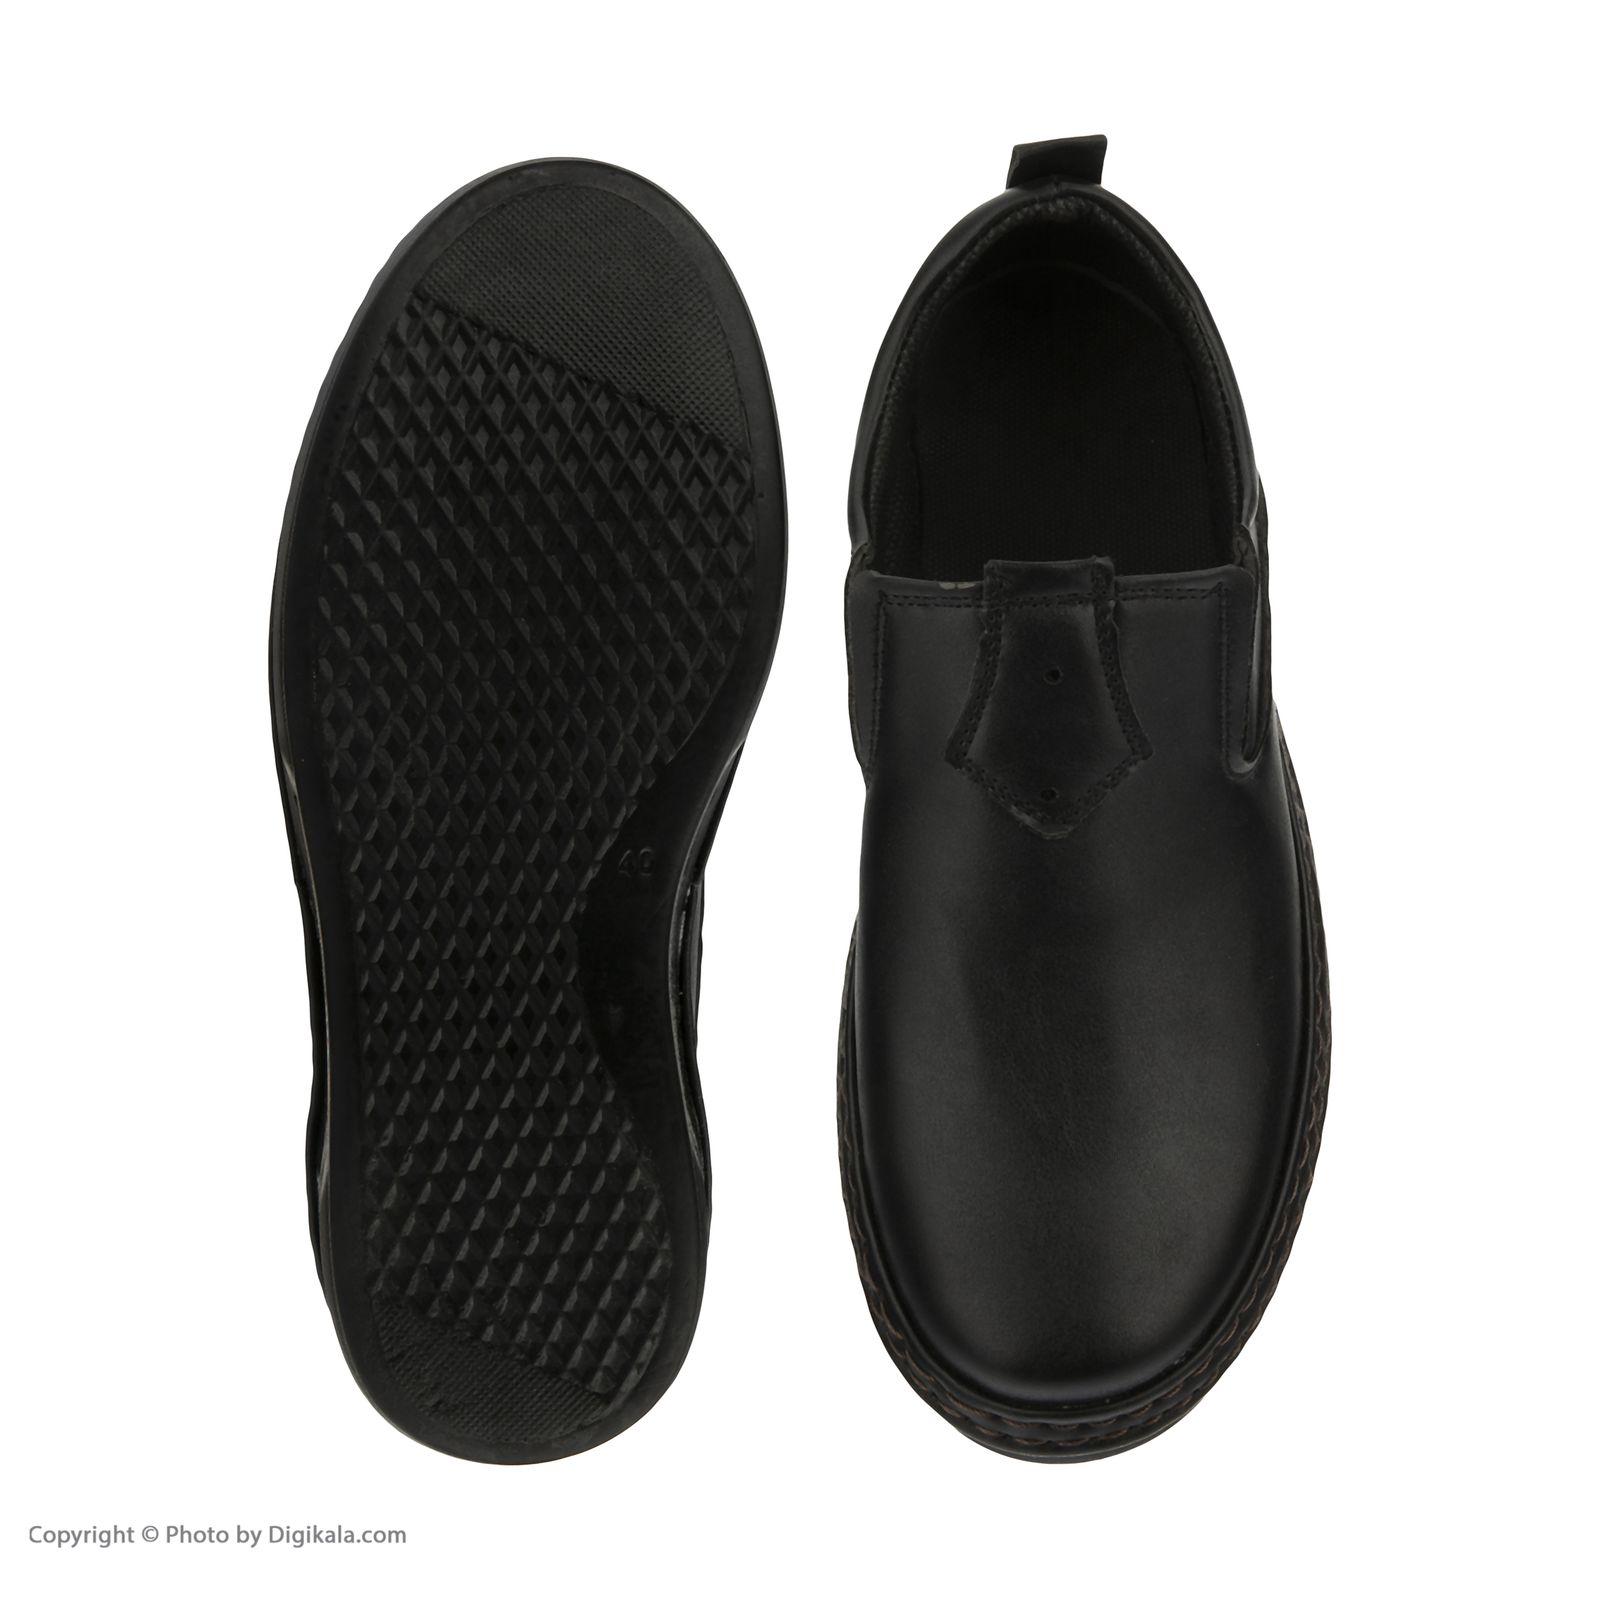 کفش روزمره مردانه اسپرت من مدل 40024-1-13  -  - 6